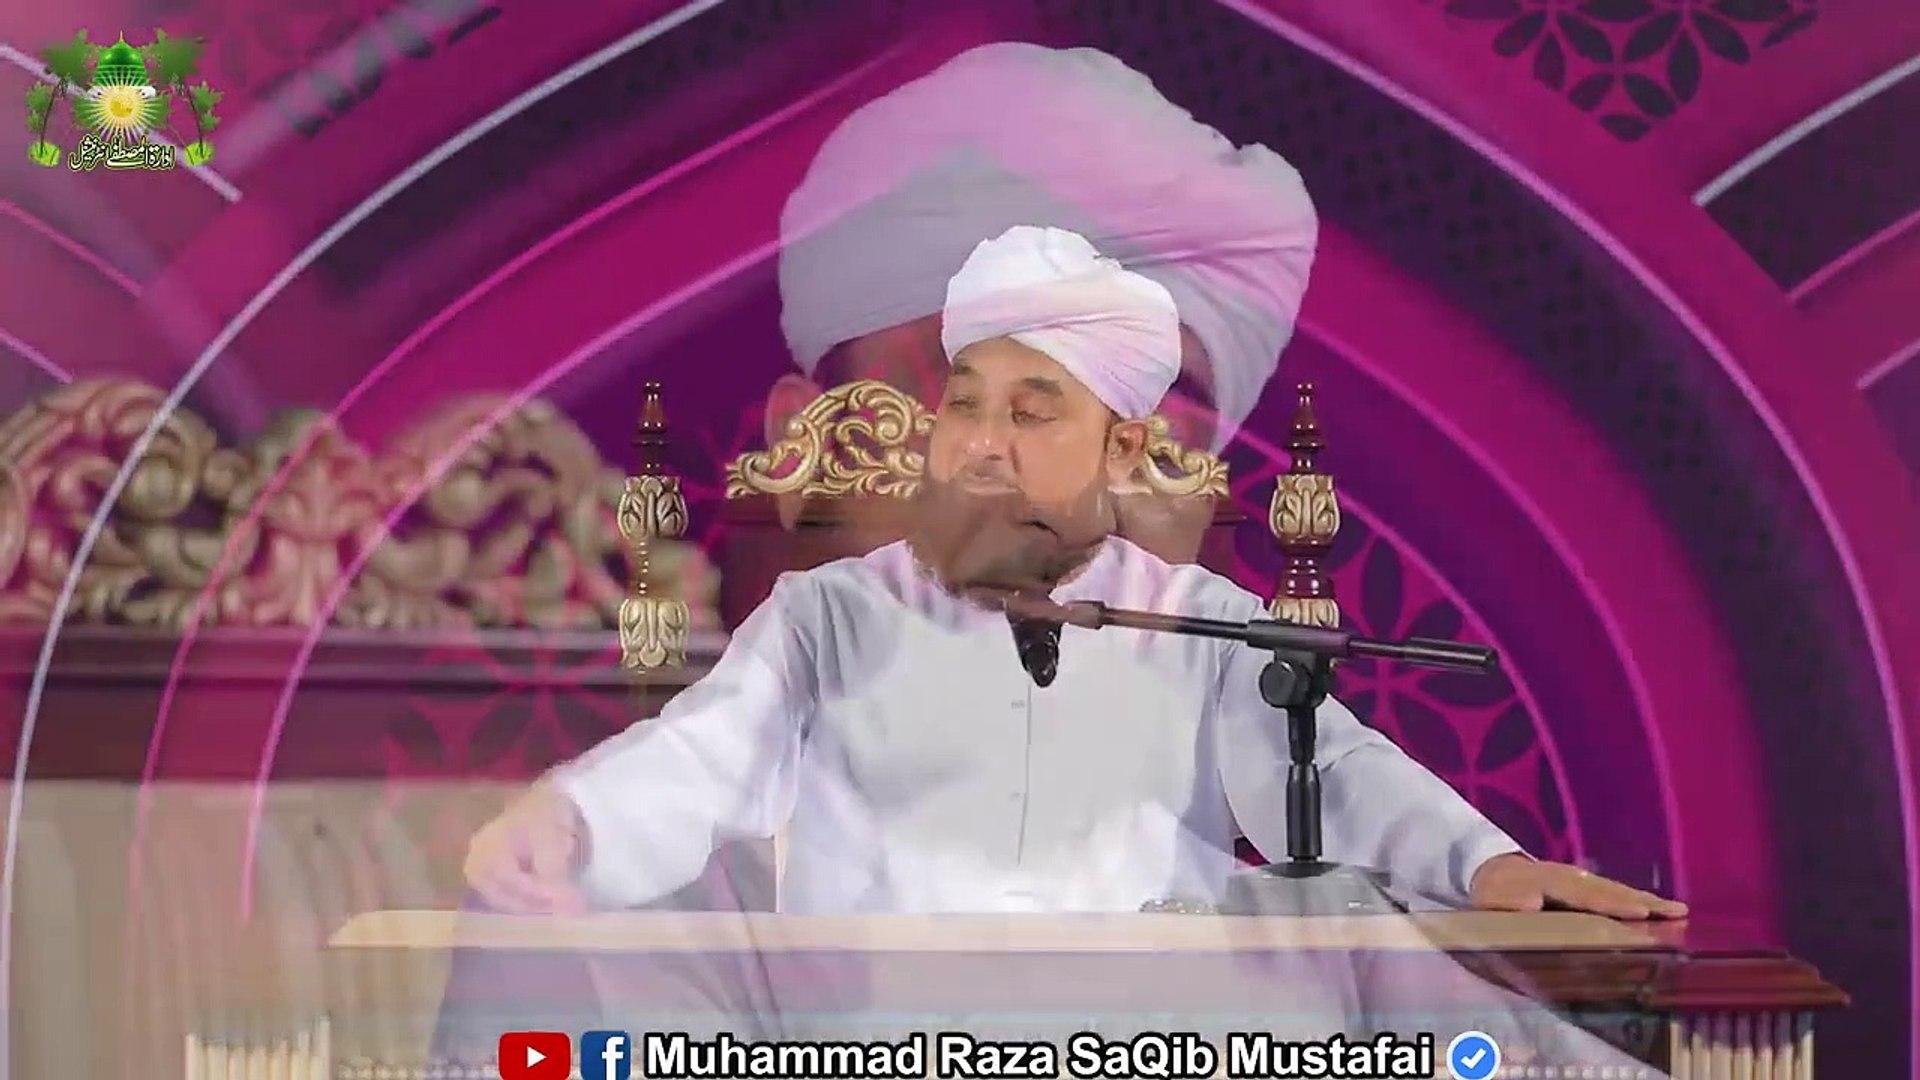 Khane ka Wazoo ! کھانے کا وضو  Muhammad Raza Saqib Mustafai